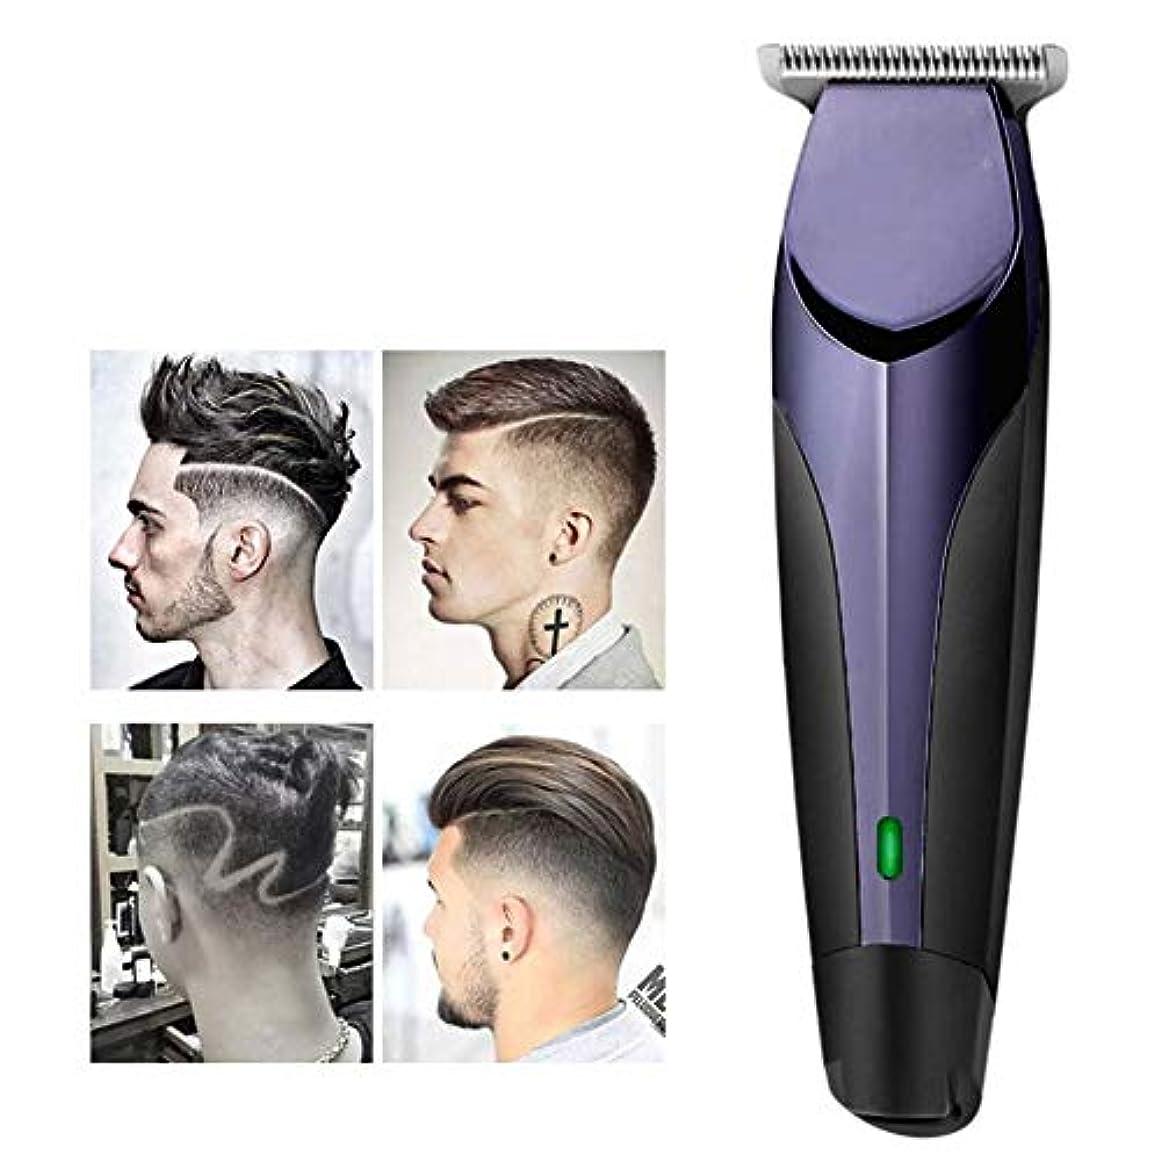 失望させる笑六バリカン、男性電気理髪禿げ頭0.1ミリメートルシェービングヘア切断機110-240ボルト用プロフェッショナル電気ヘアトリマー髭剃り